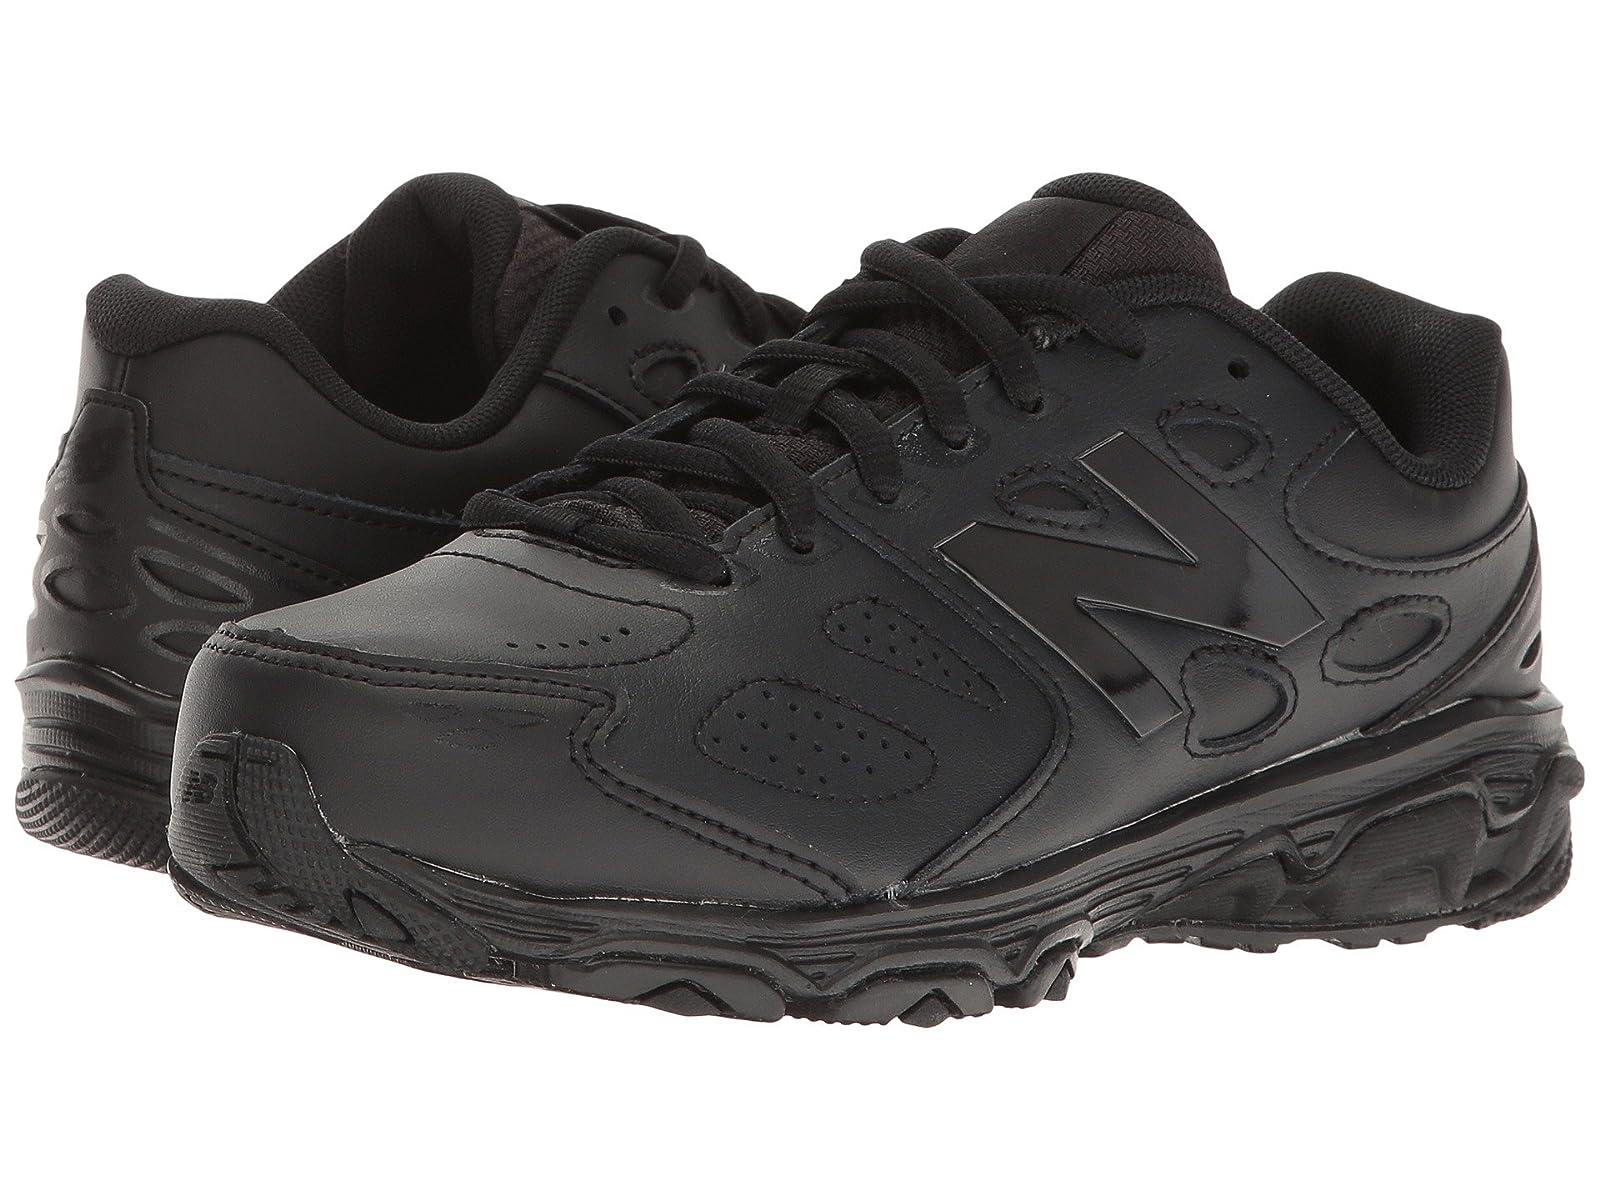 New Balance Kids KX680v3 (Little Kid/Big Kid)Atmospheric grades have affordable shoes